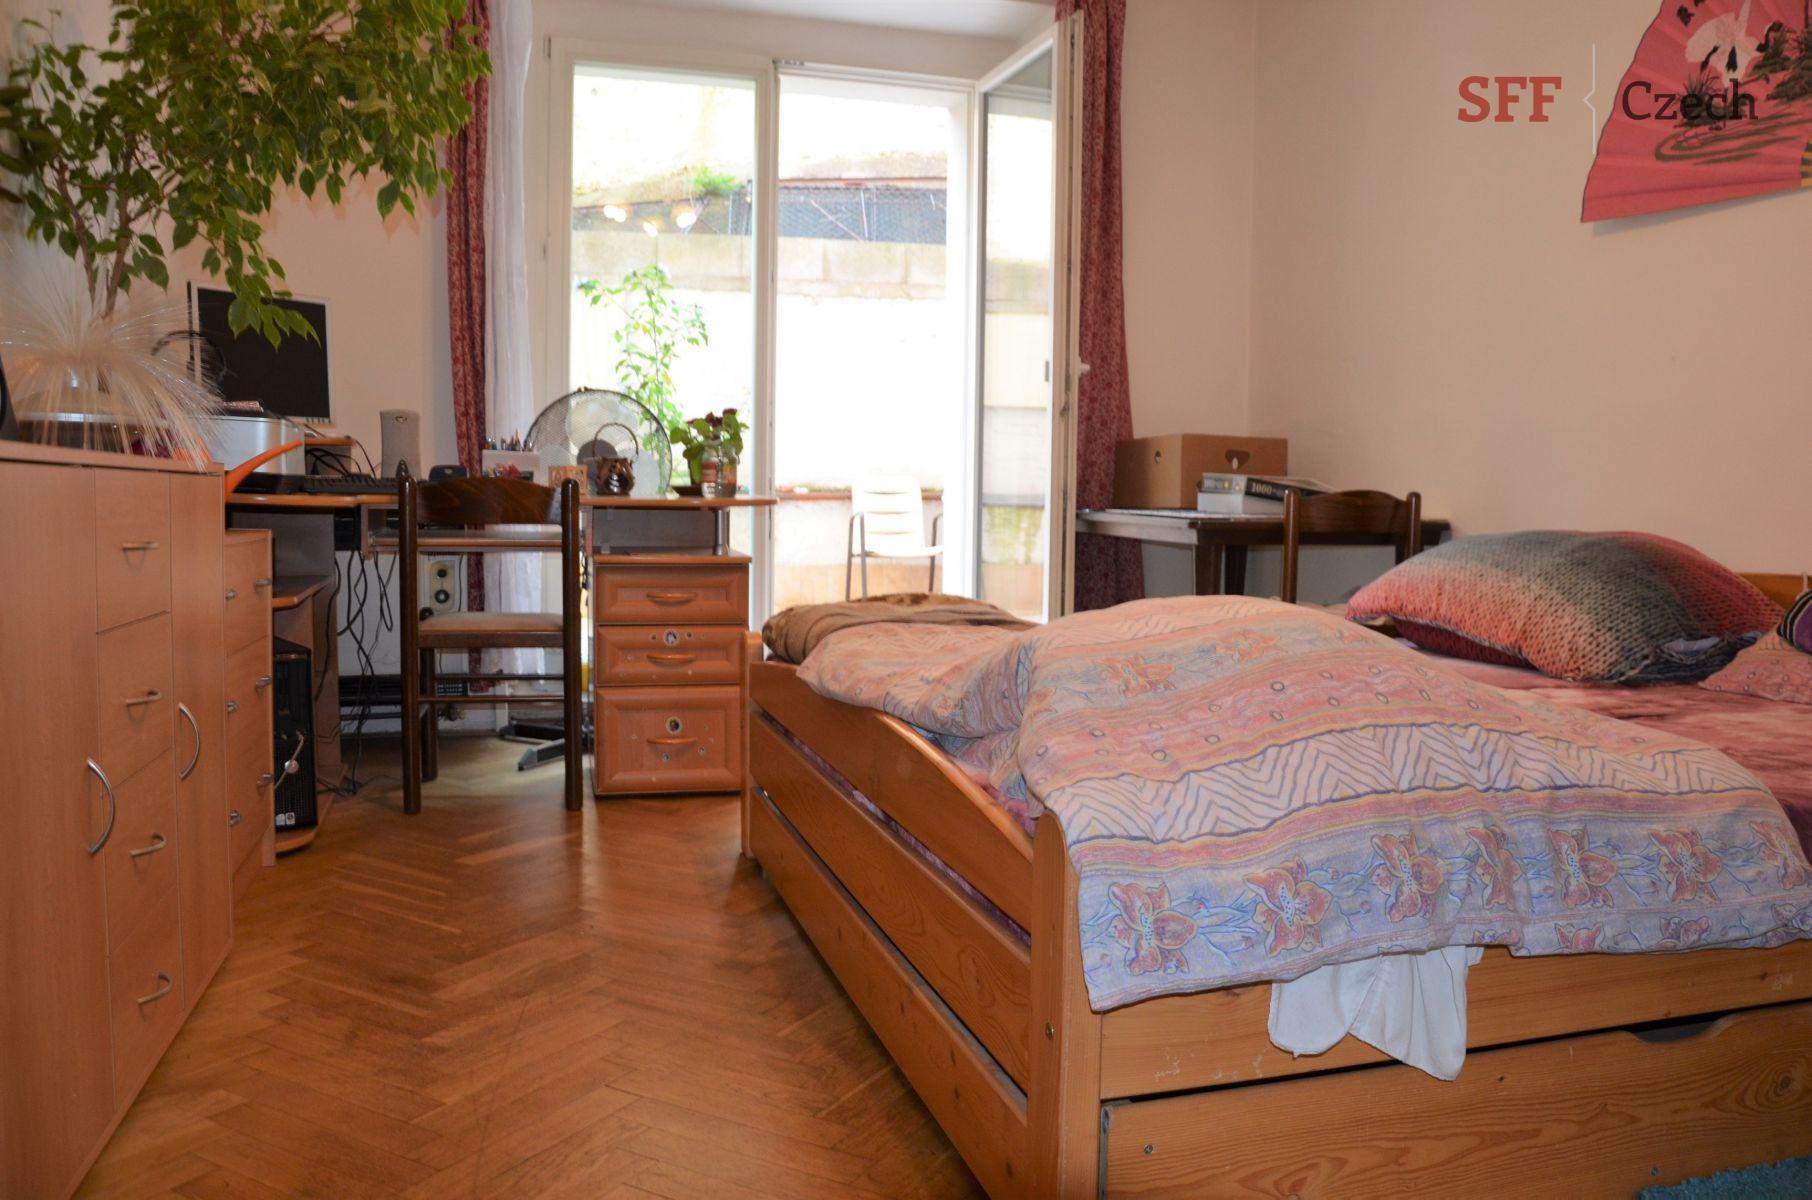 Částečně vybavený byt 1+1 na Praze 5 nedaleko metra Anděl Nový Smíchov